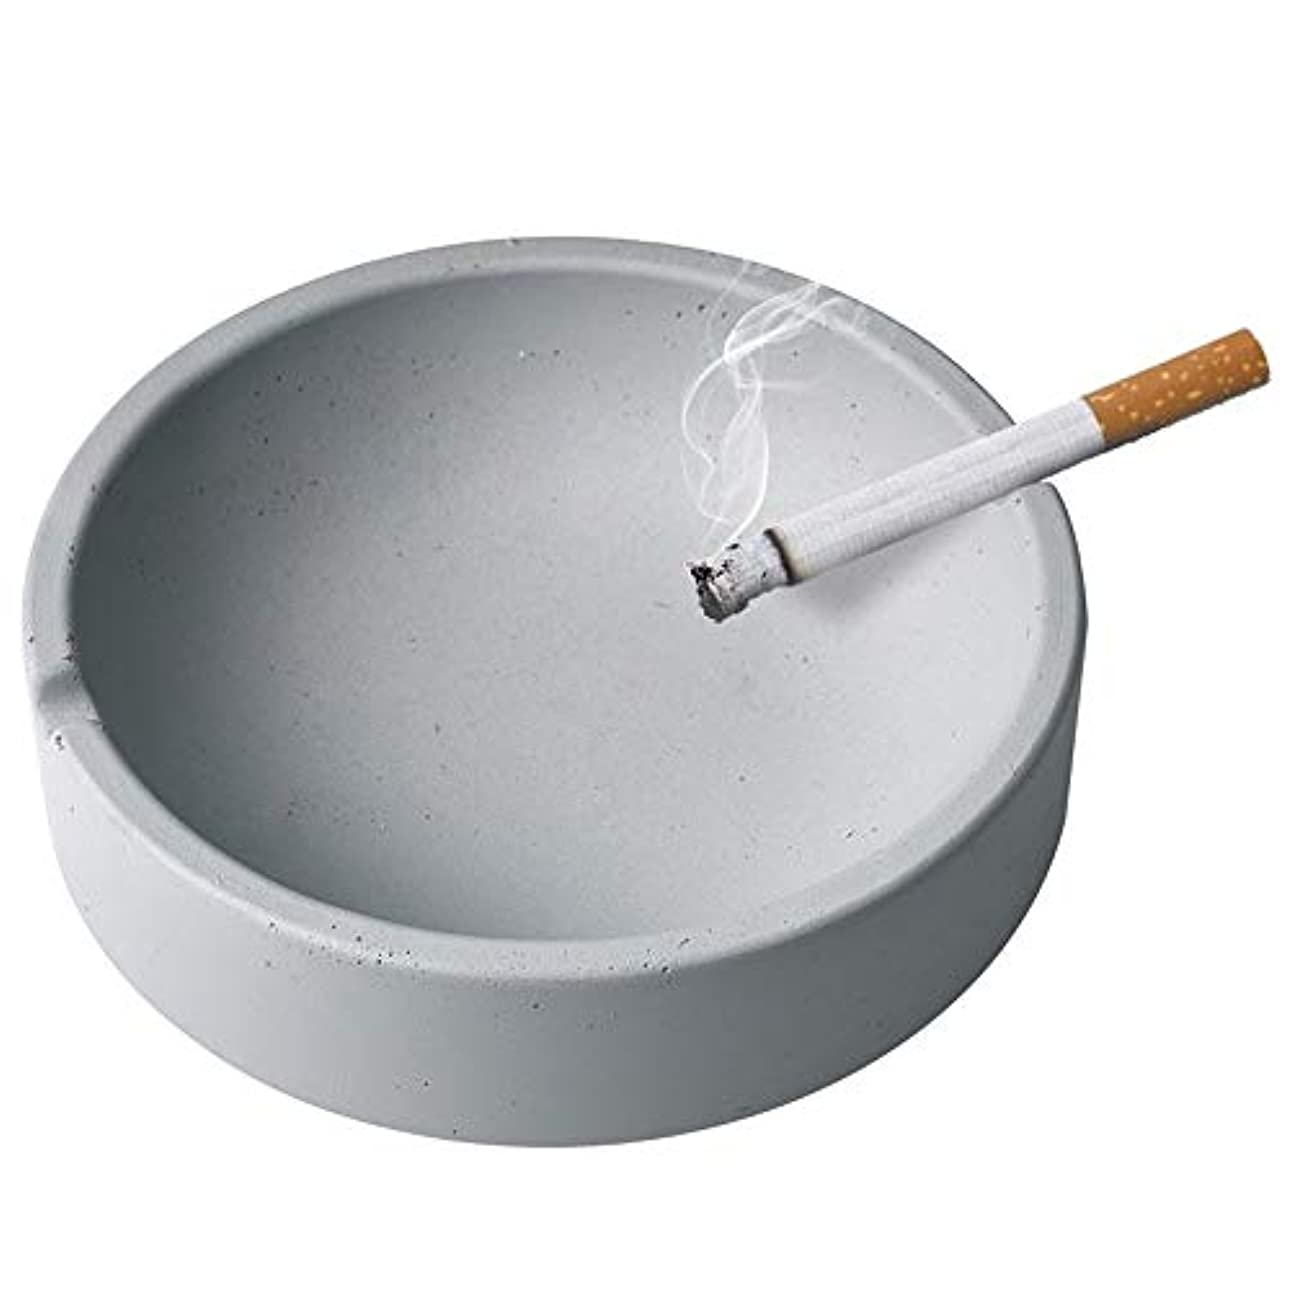 波紋カニアマゾンジャングル家庭用産業風コンクリート灰皿、パーソナライズ屋外灰皿、多人数使用シーンリビングルームオフィスレストラン灰皿装飾 (Size : L)